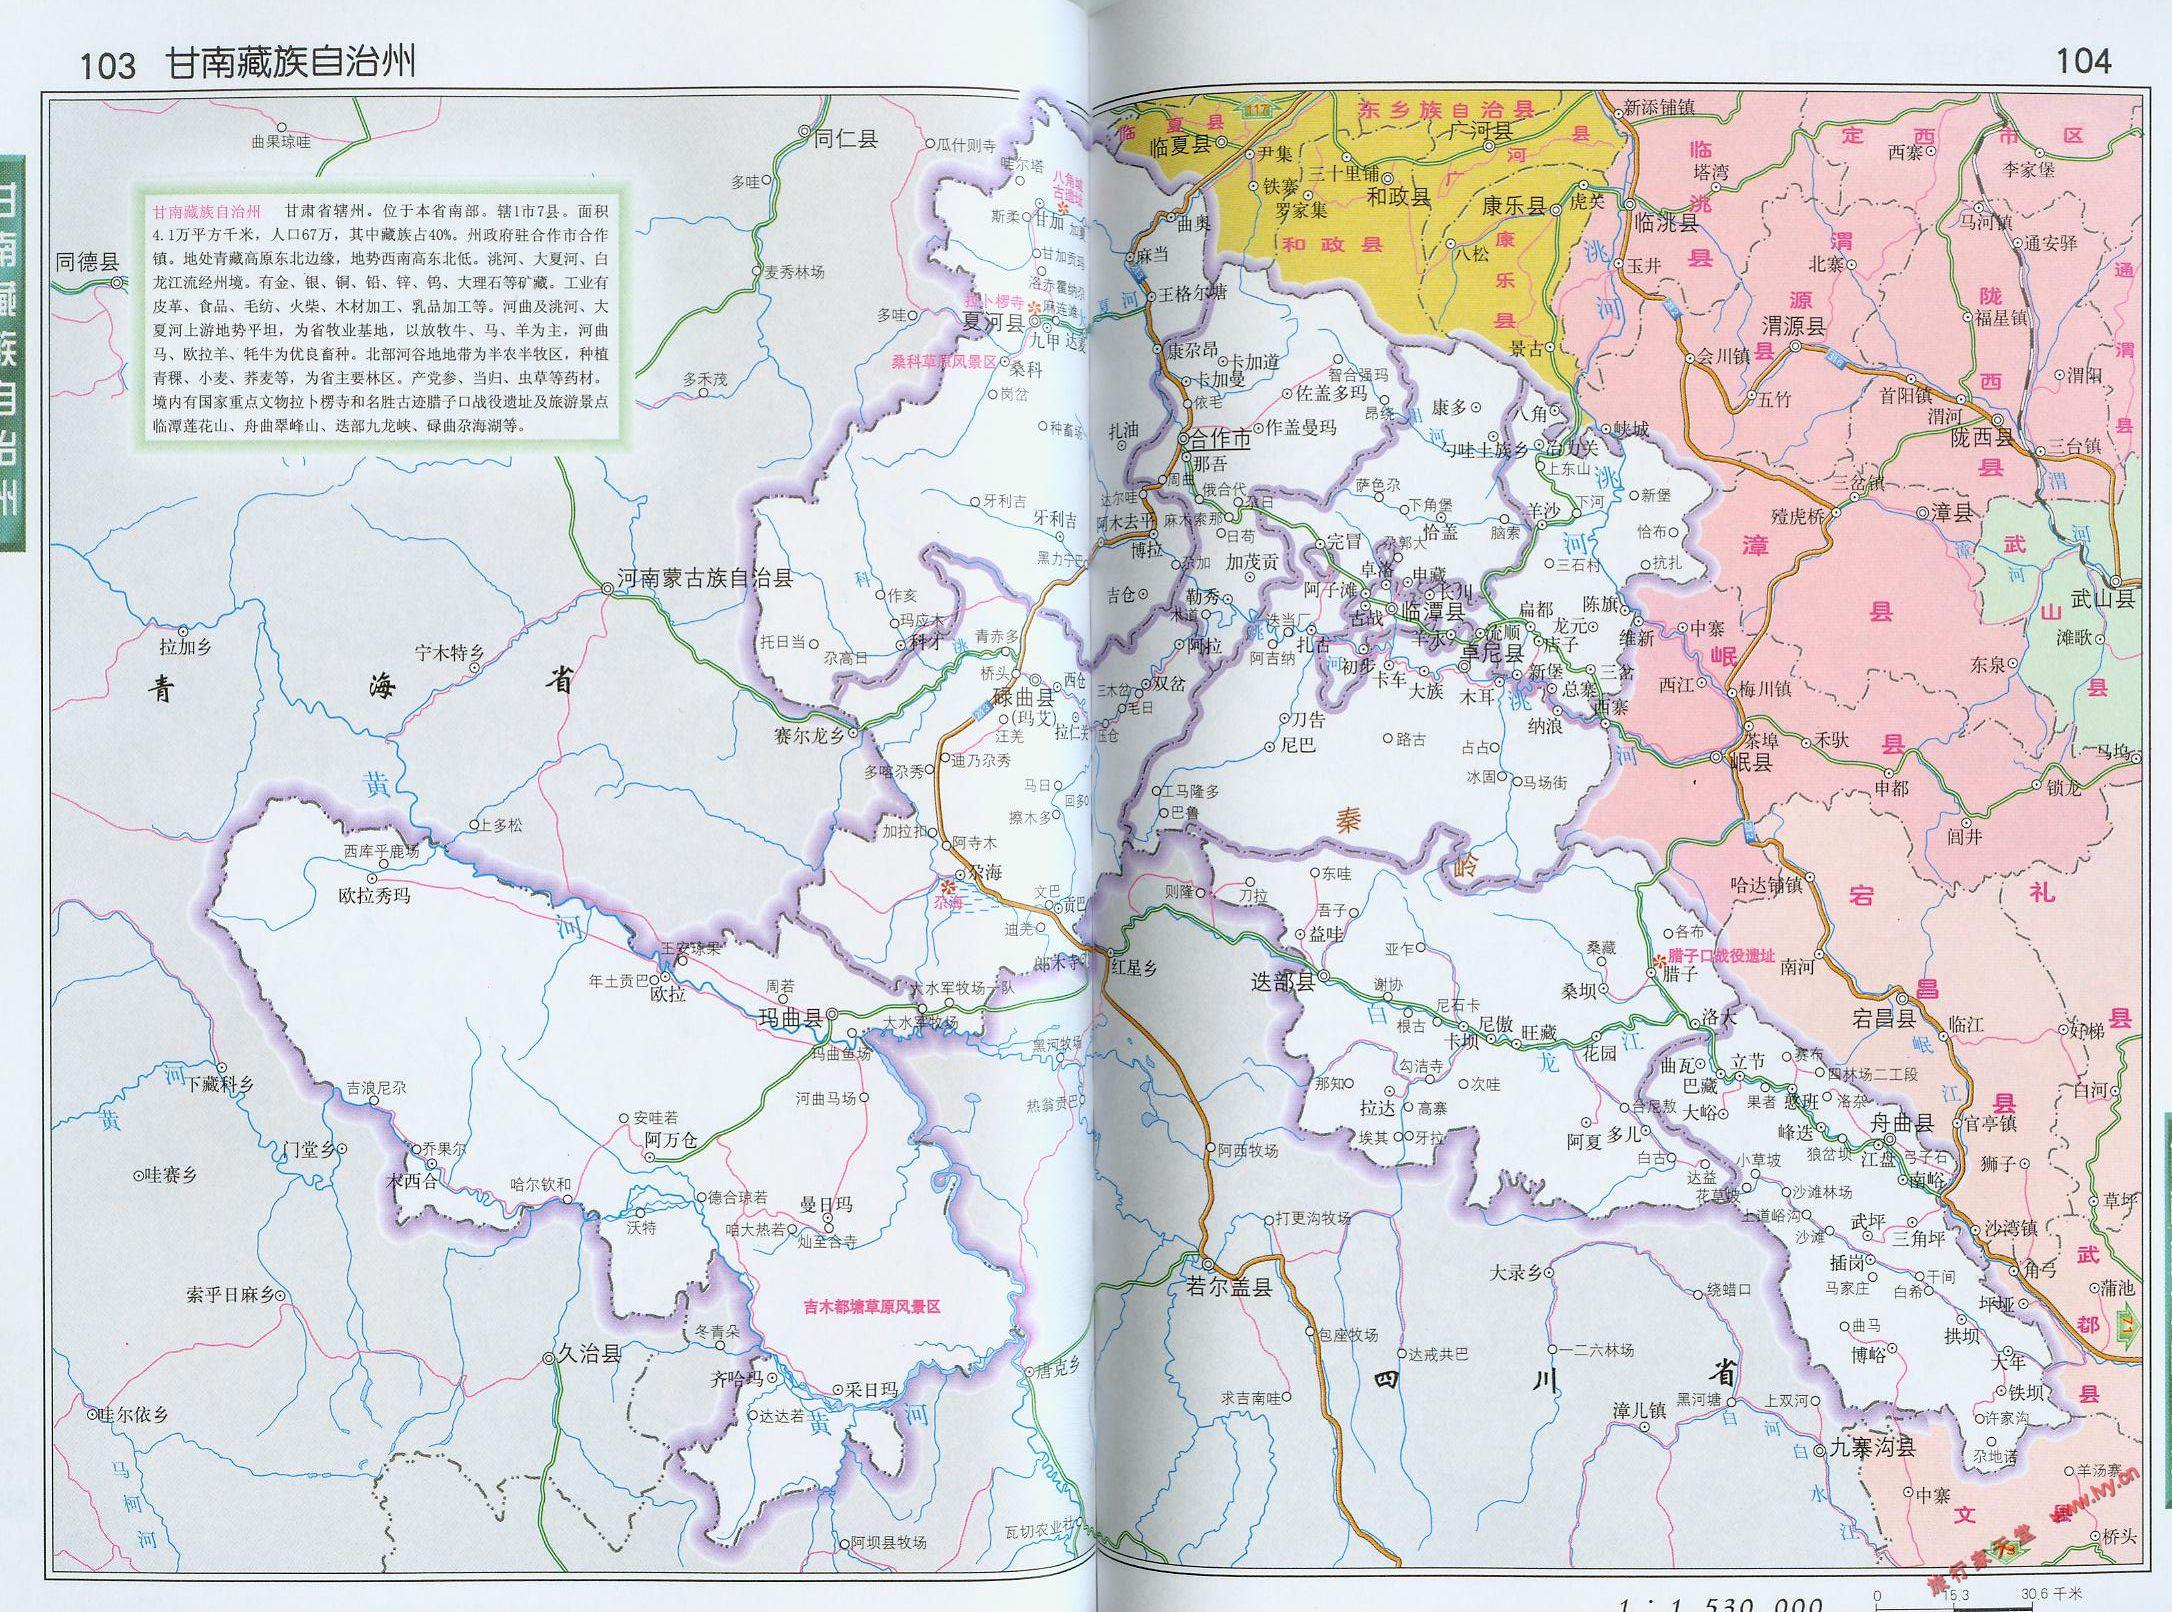 地图:甘南藏族自治州地图